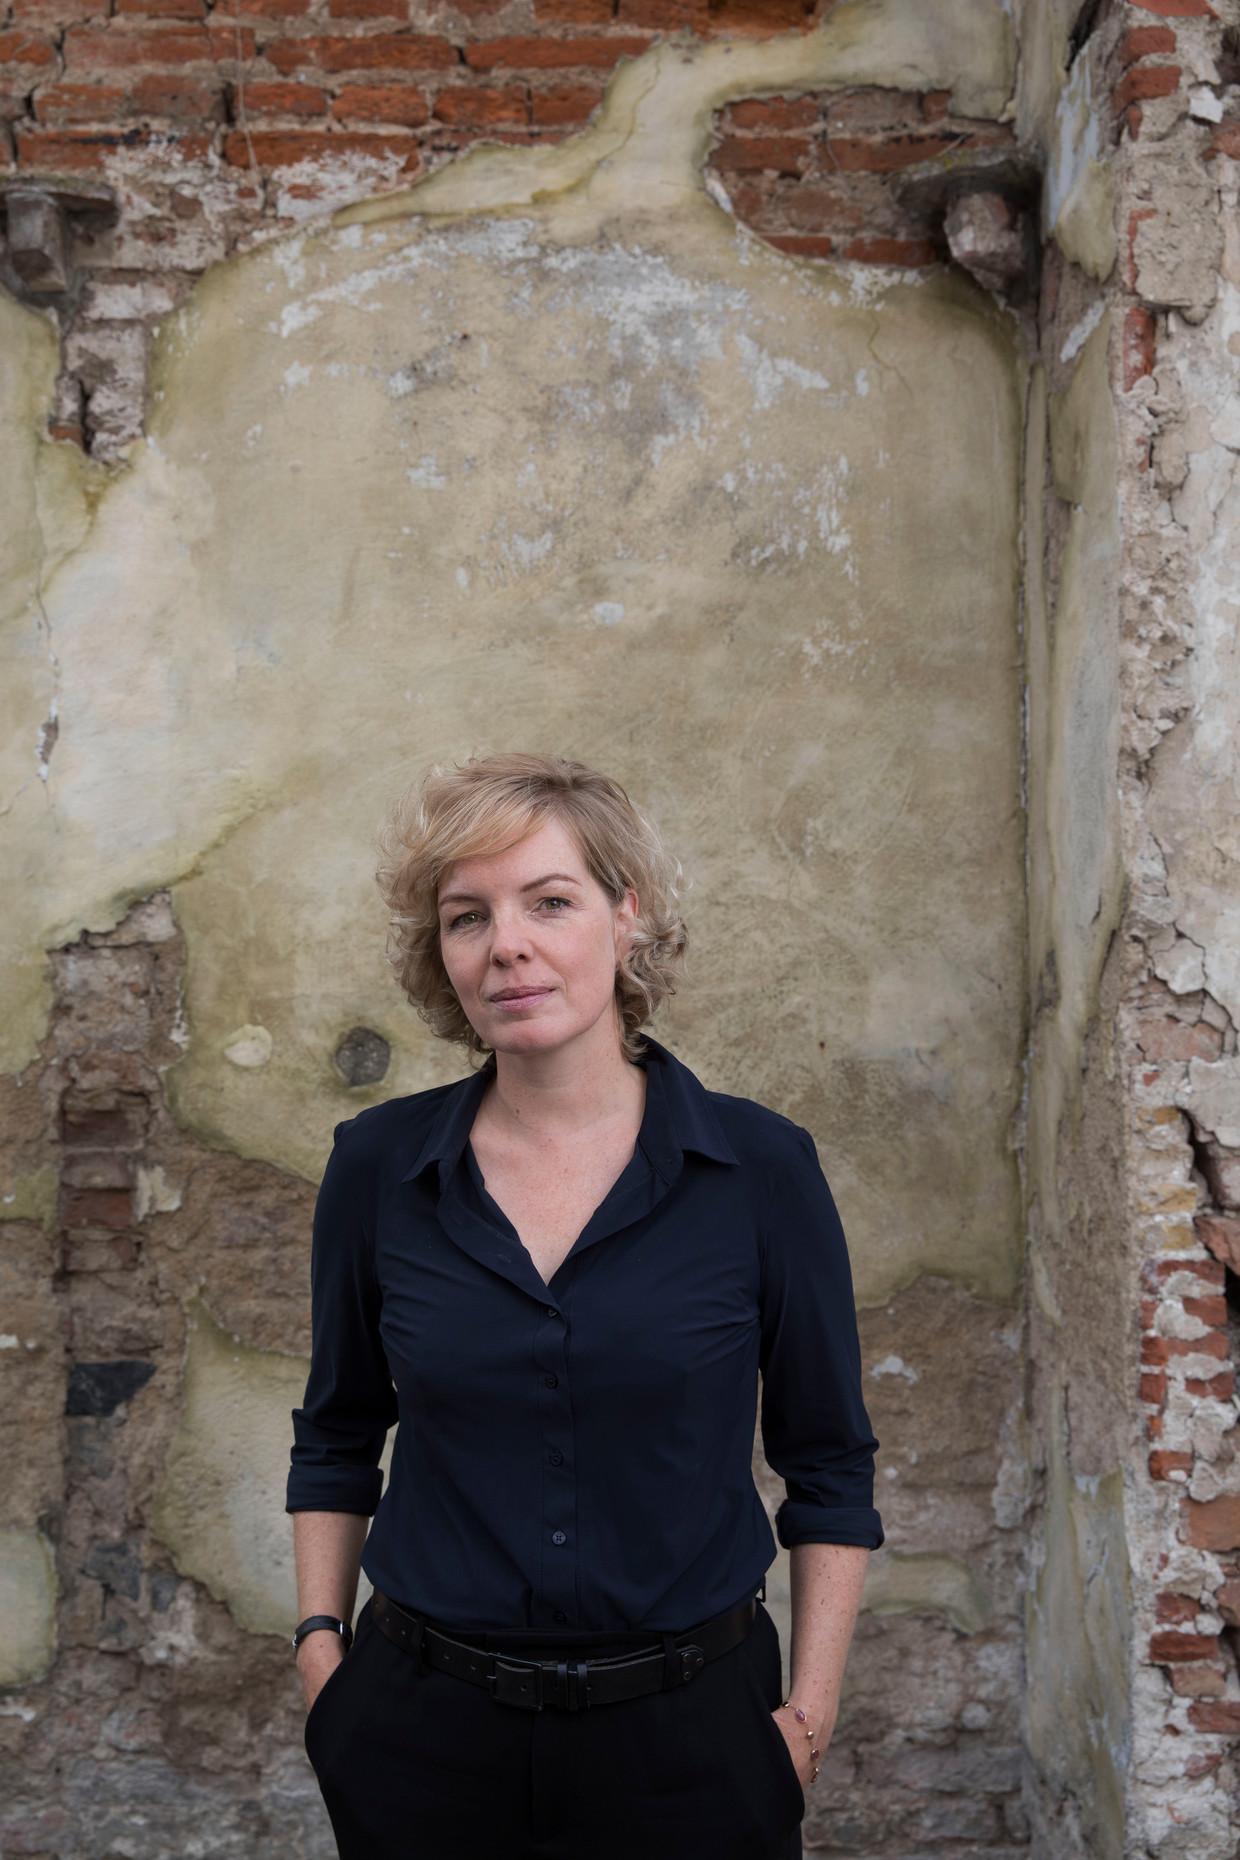 Nederland, Utrecht, 3 september 2018. Beatrice de Graaf, terreurdeskundige, hoogleraar. Foto: Werry Crone Beeld Hollandse Hoogte / Werry Crone